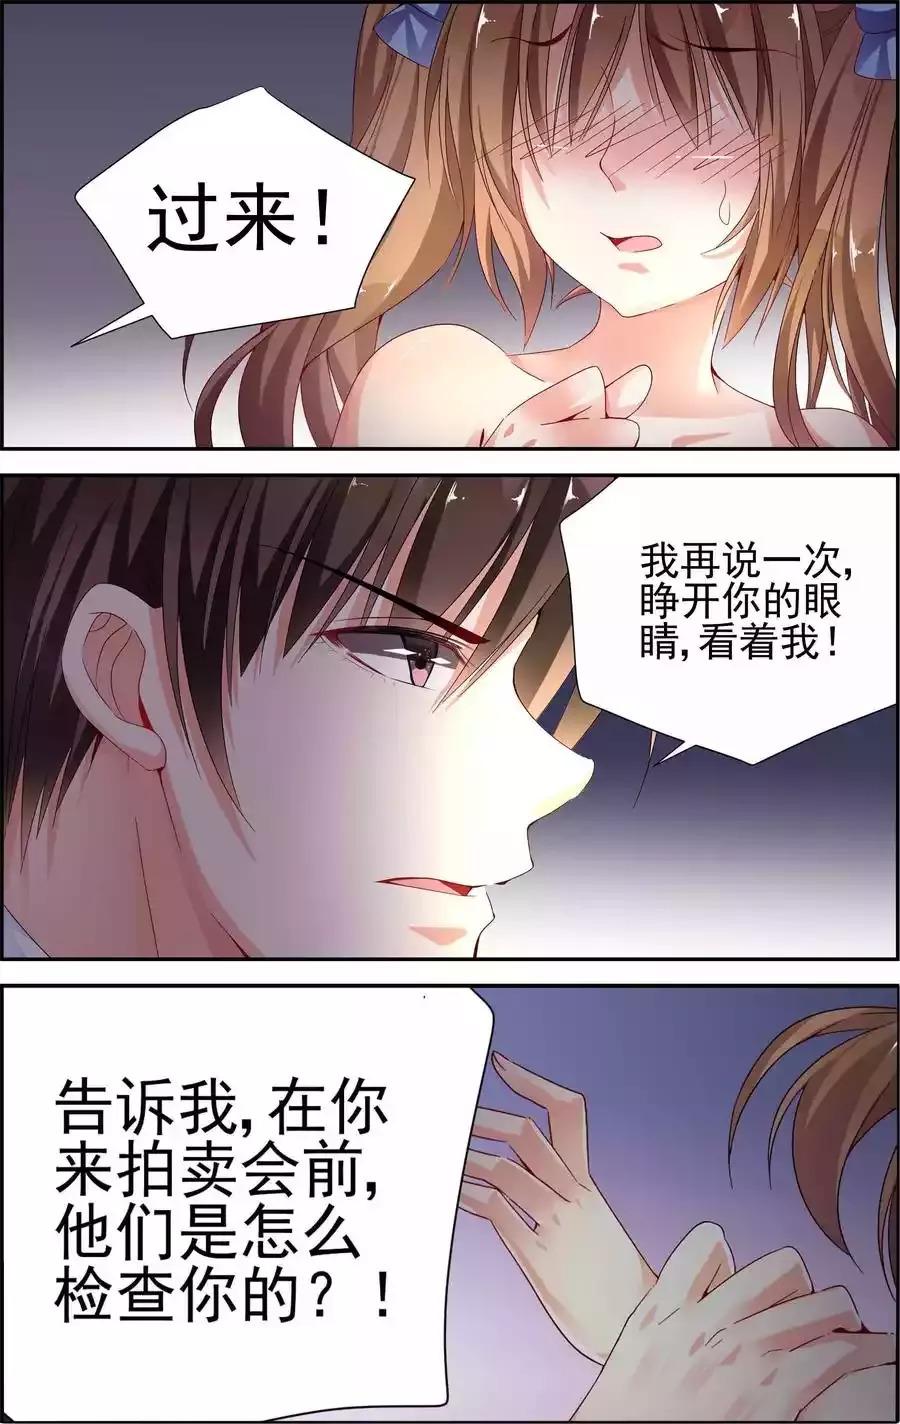 纯情花嫁第54话   第 1